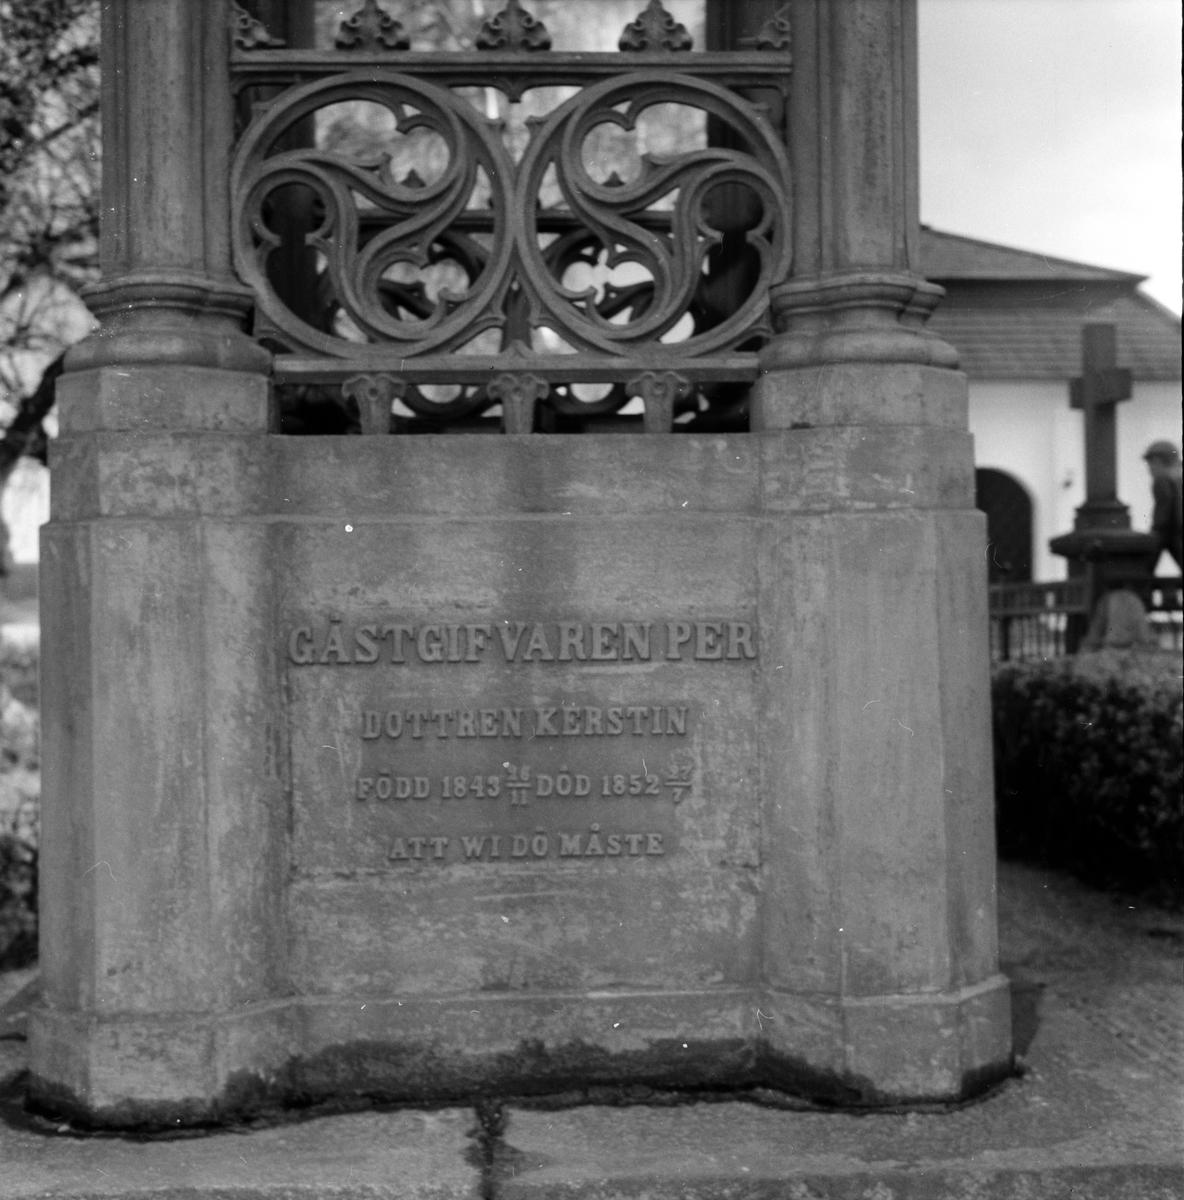 Gravar på Bollnäs kyrkogård, 16 Maj 1961